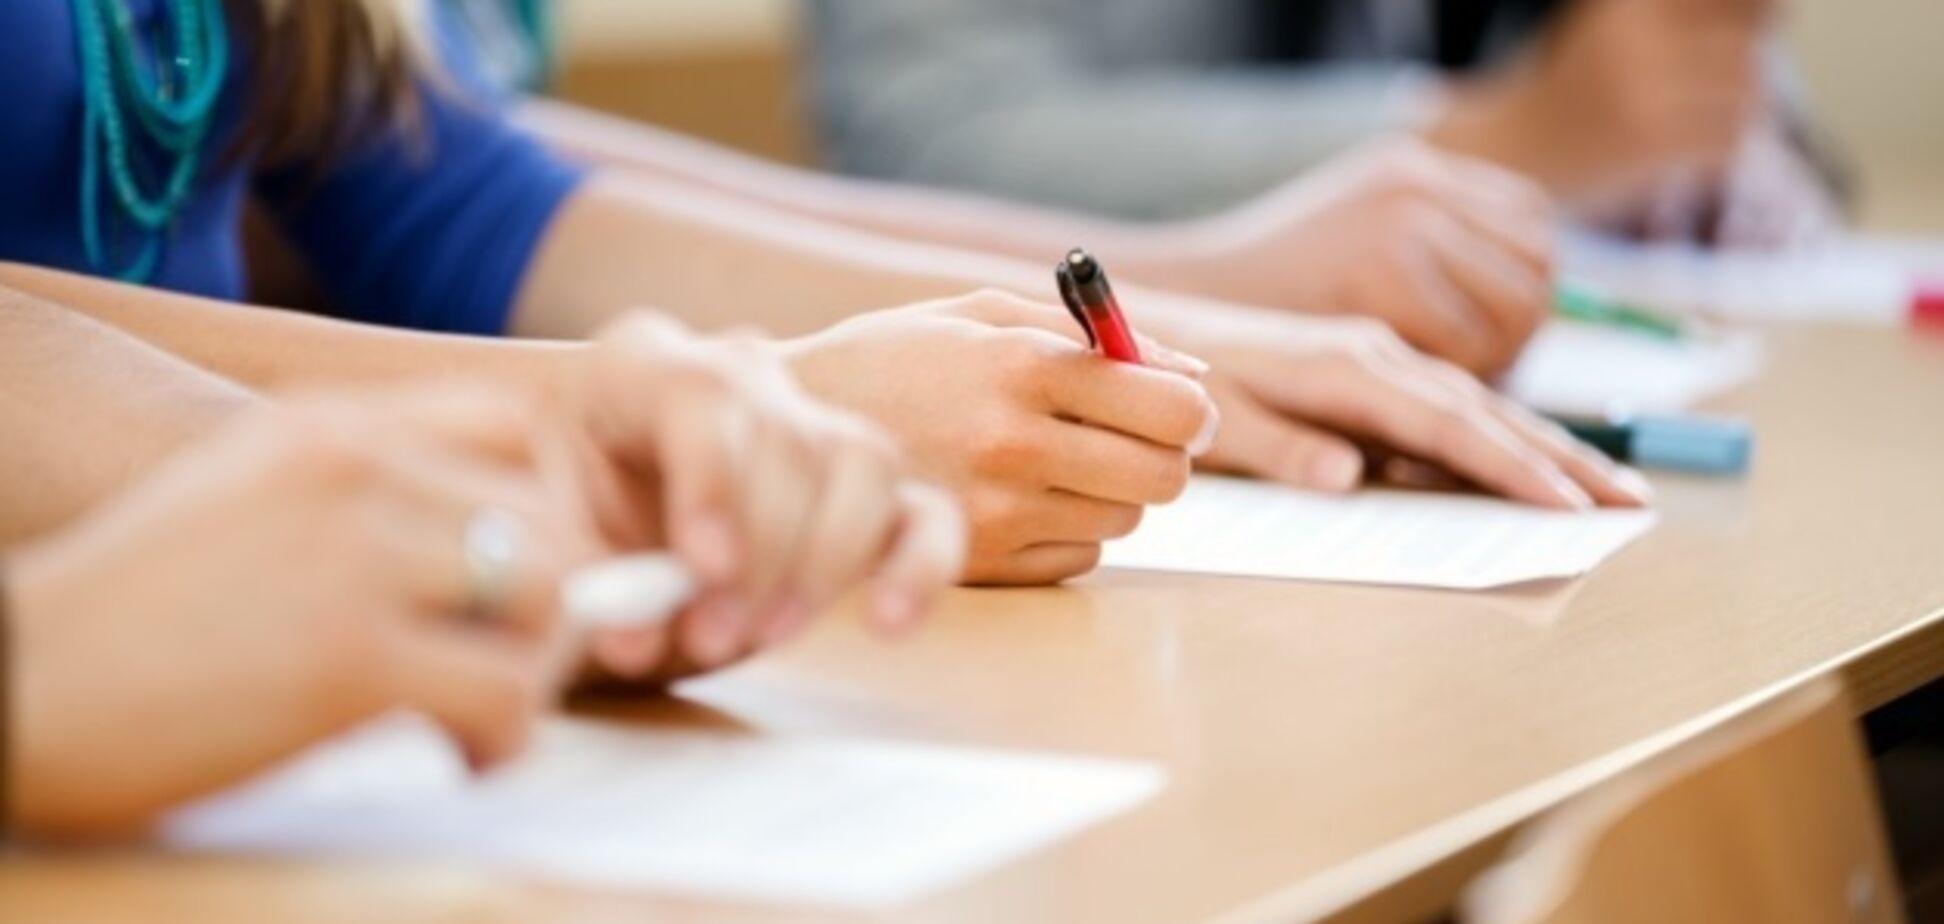 Фальсифікація під час іспитів: студенти вклеїли в паспорт фото інших осіб